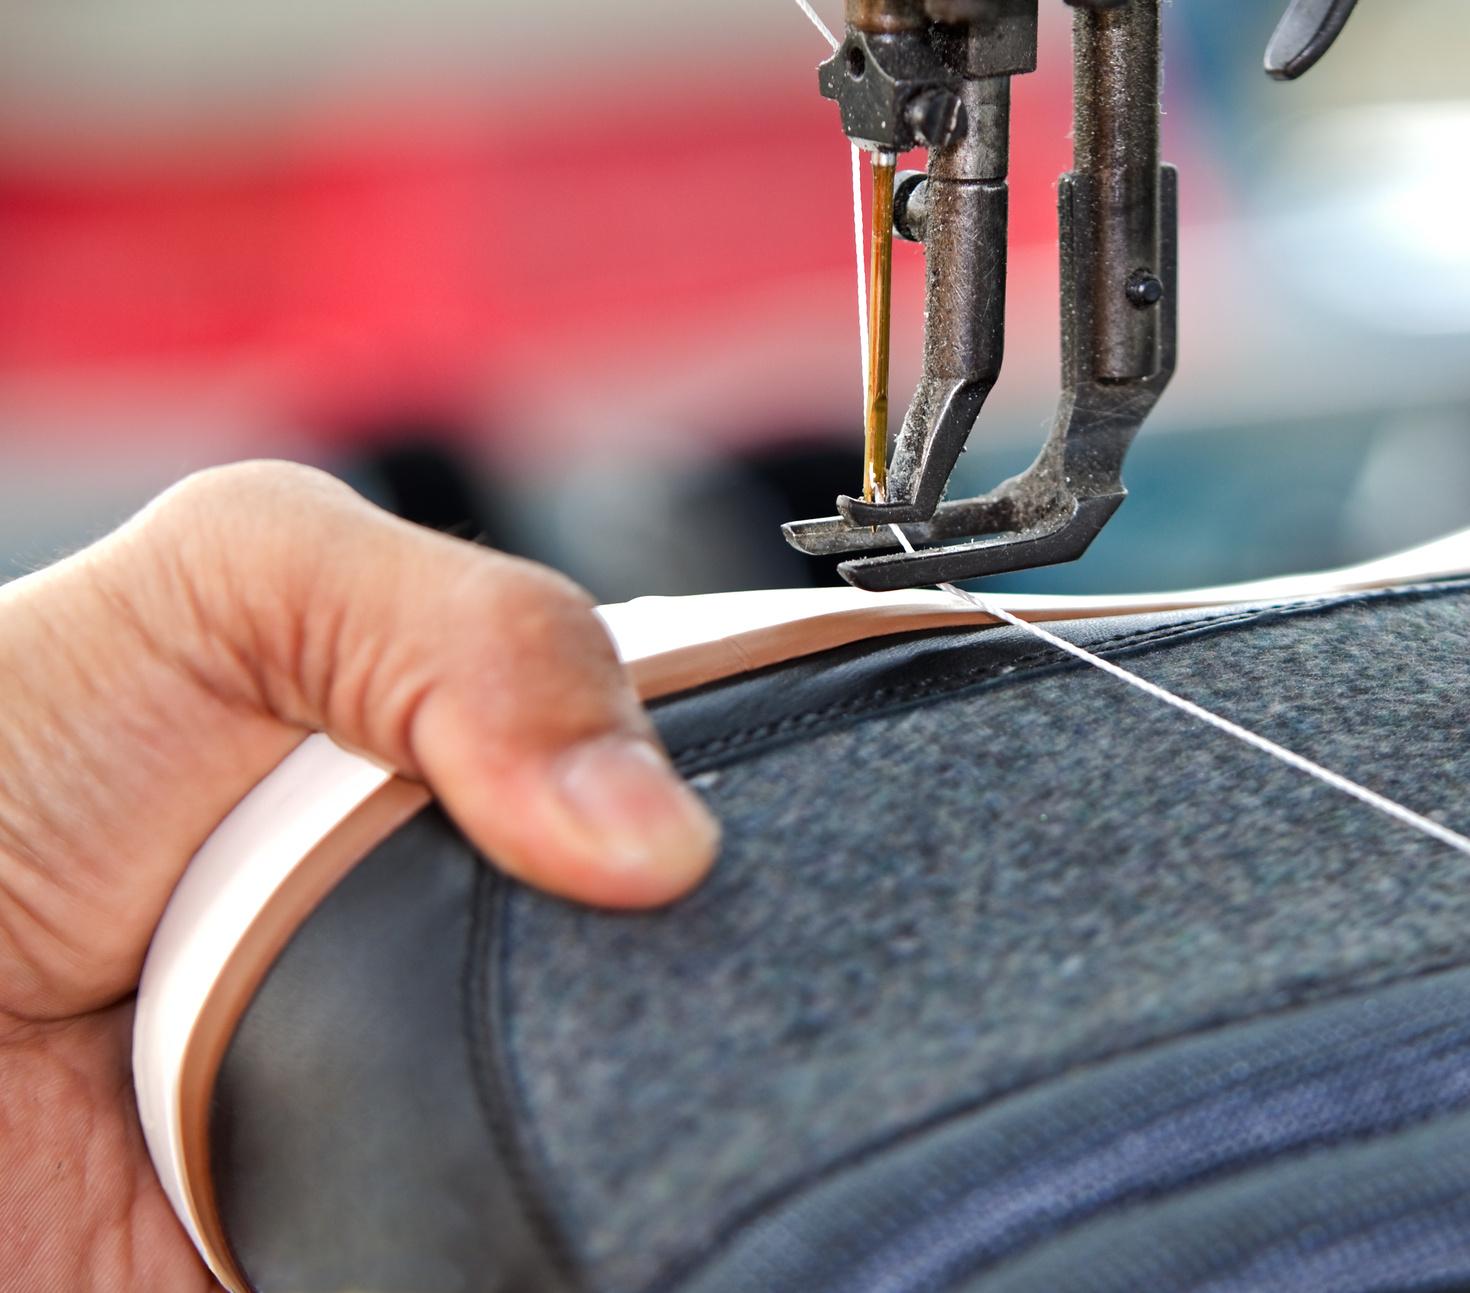 Curso Técnico em Calçados | Central Pronatec